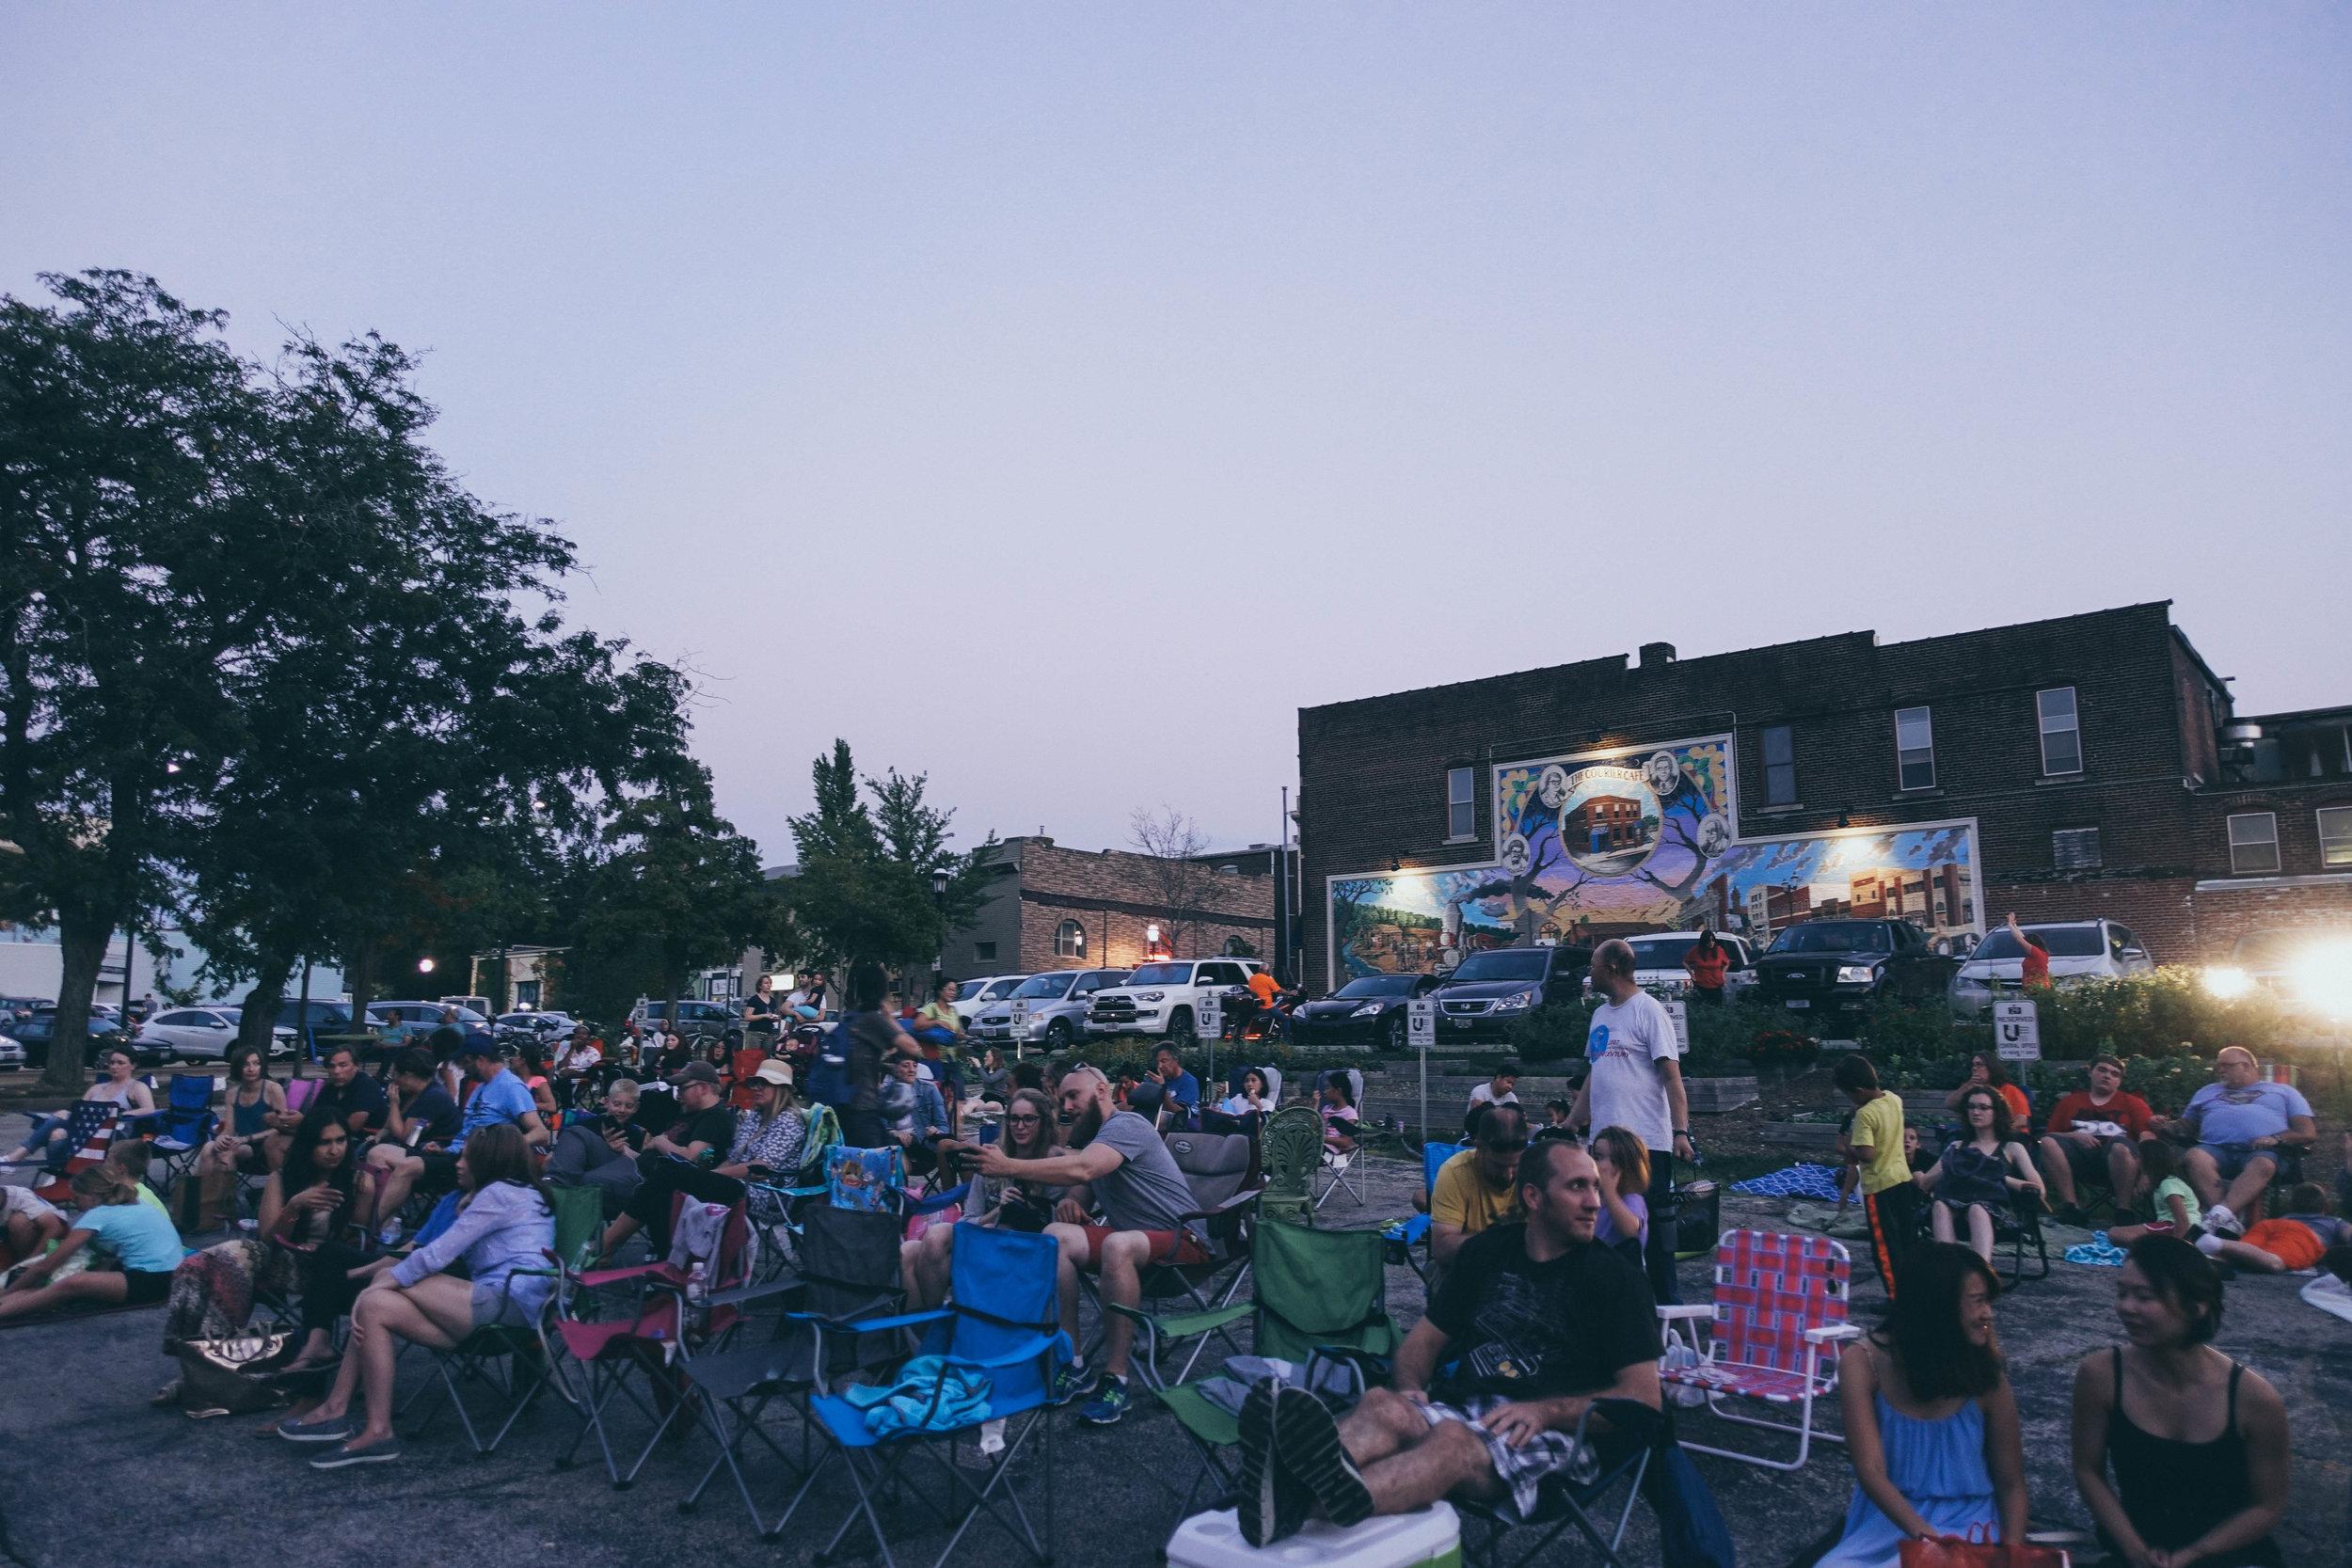 Urbanalove_Movienight_Crowd4.jpg